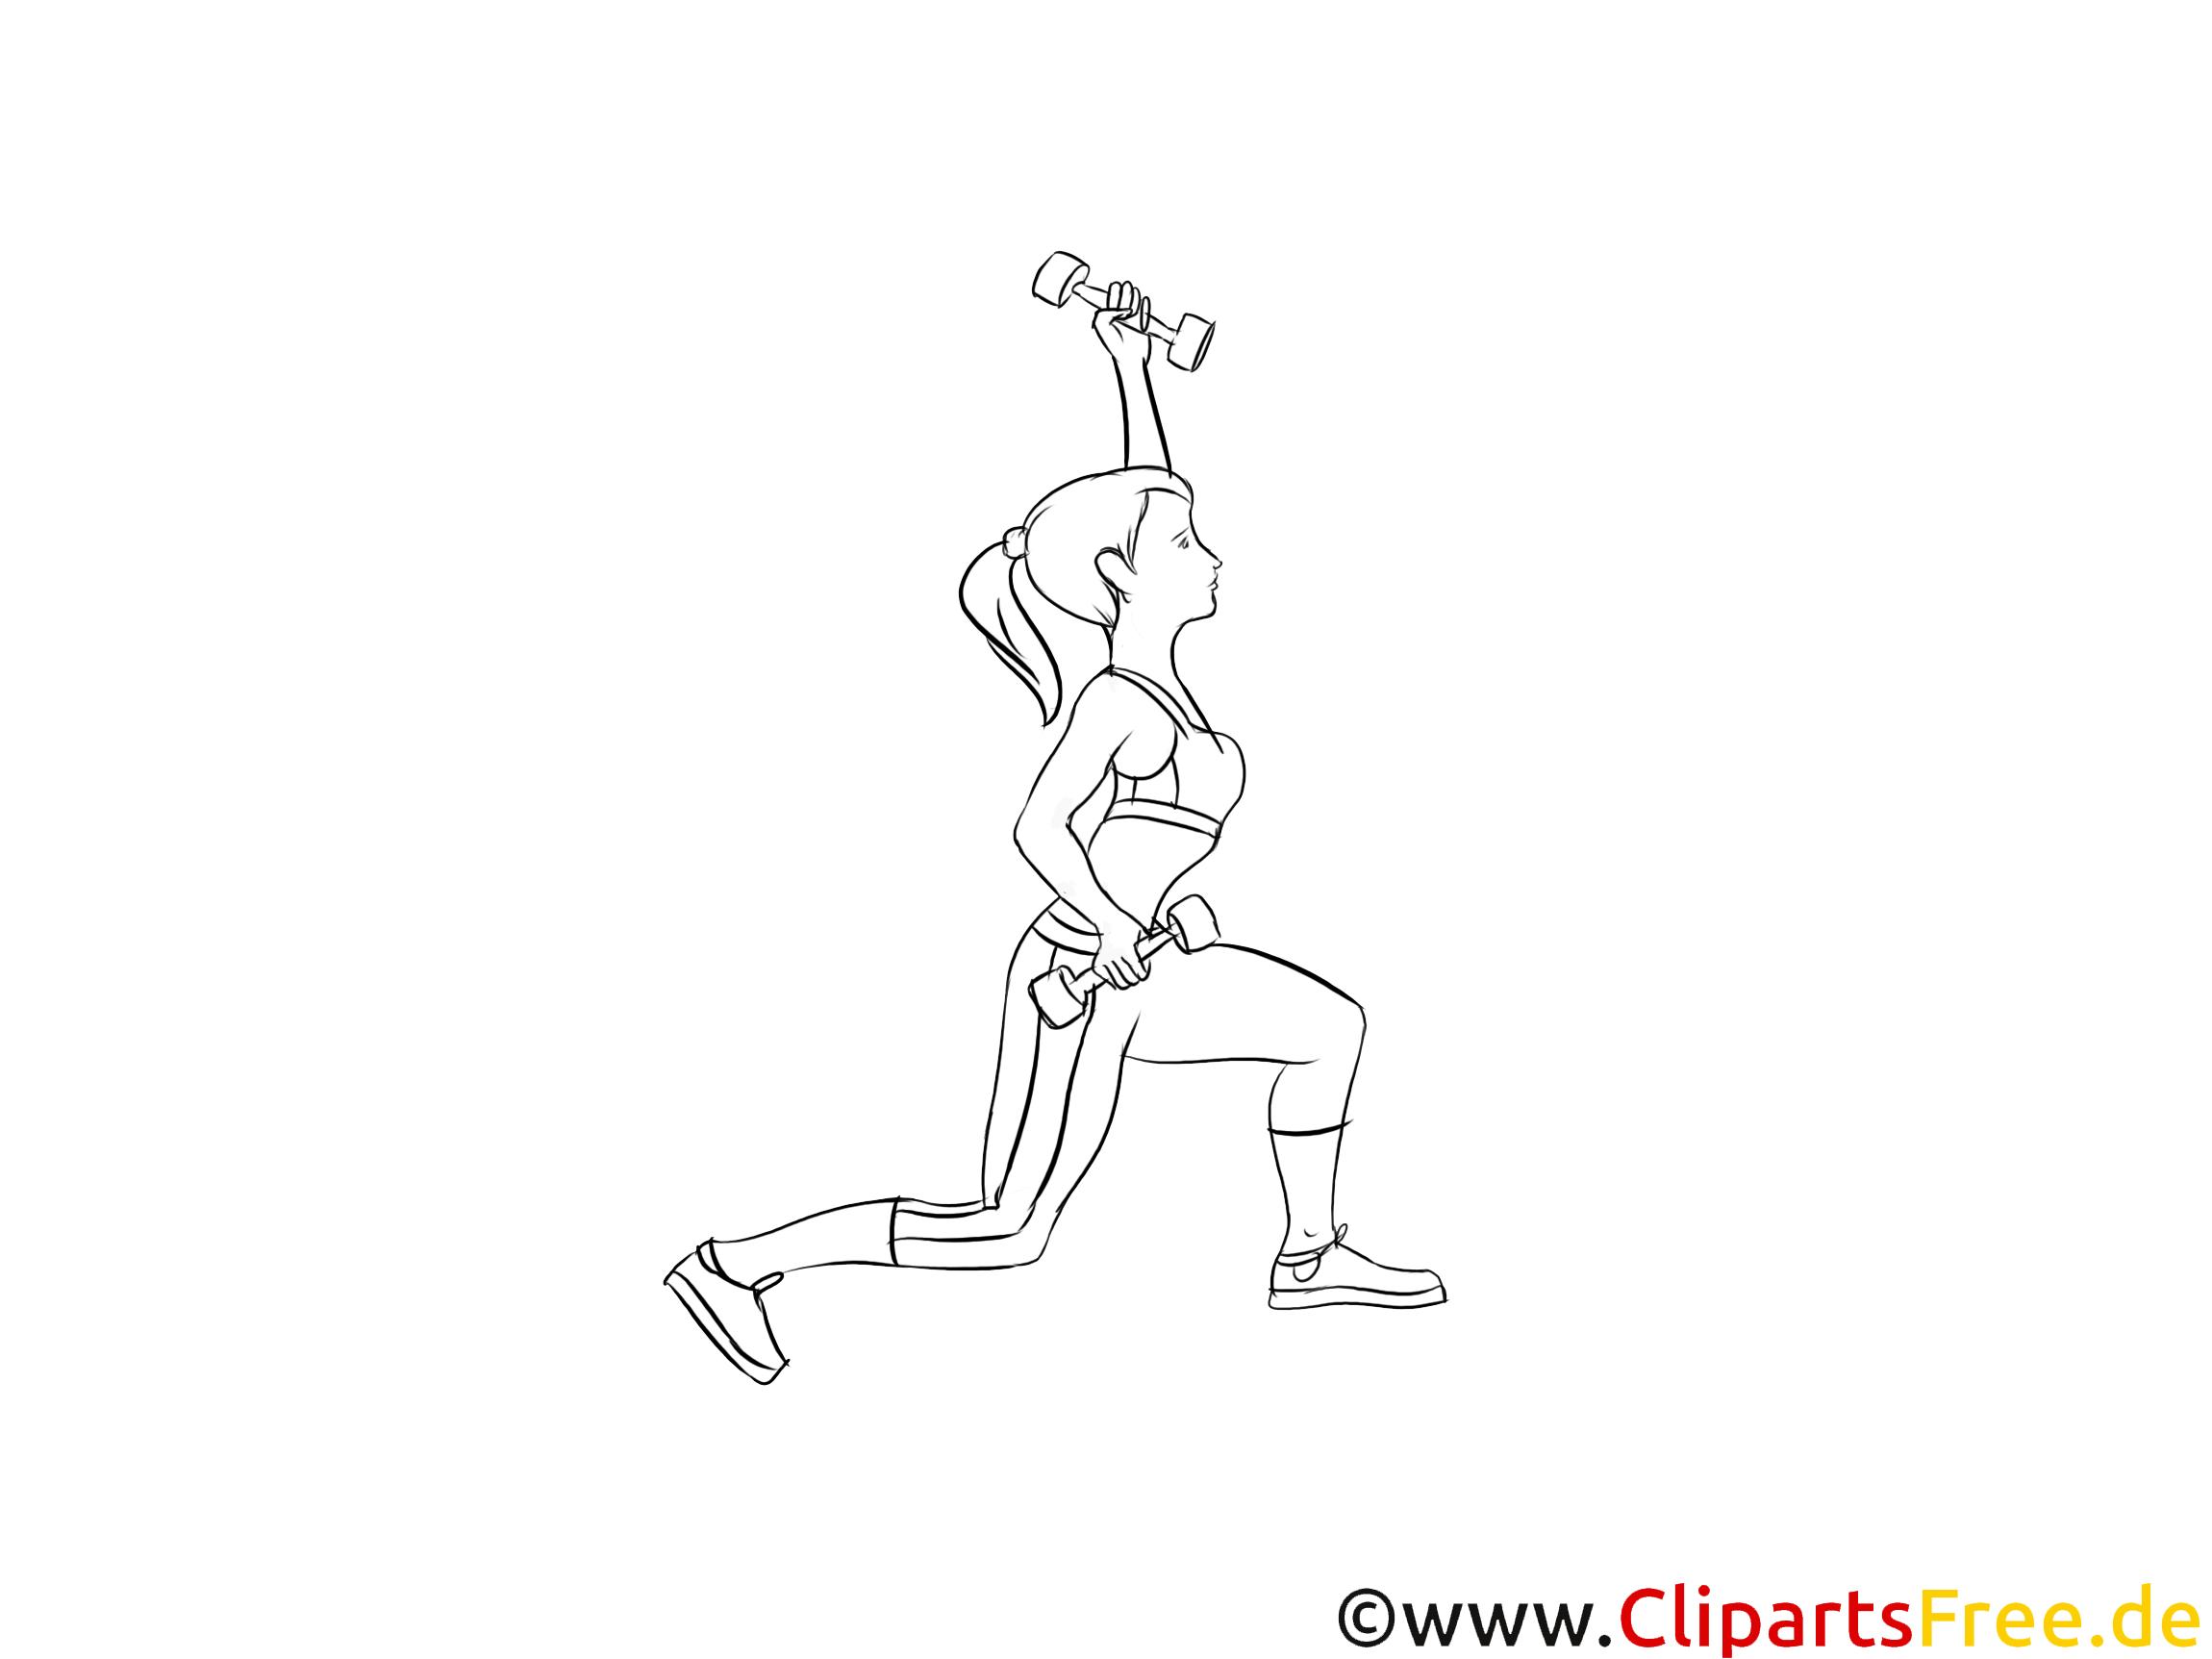 Körpertraining für Frauen Illustration, Zeichnung, Bild schwarz-weiss